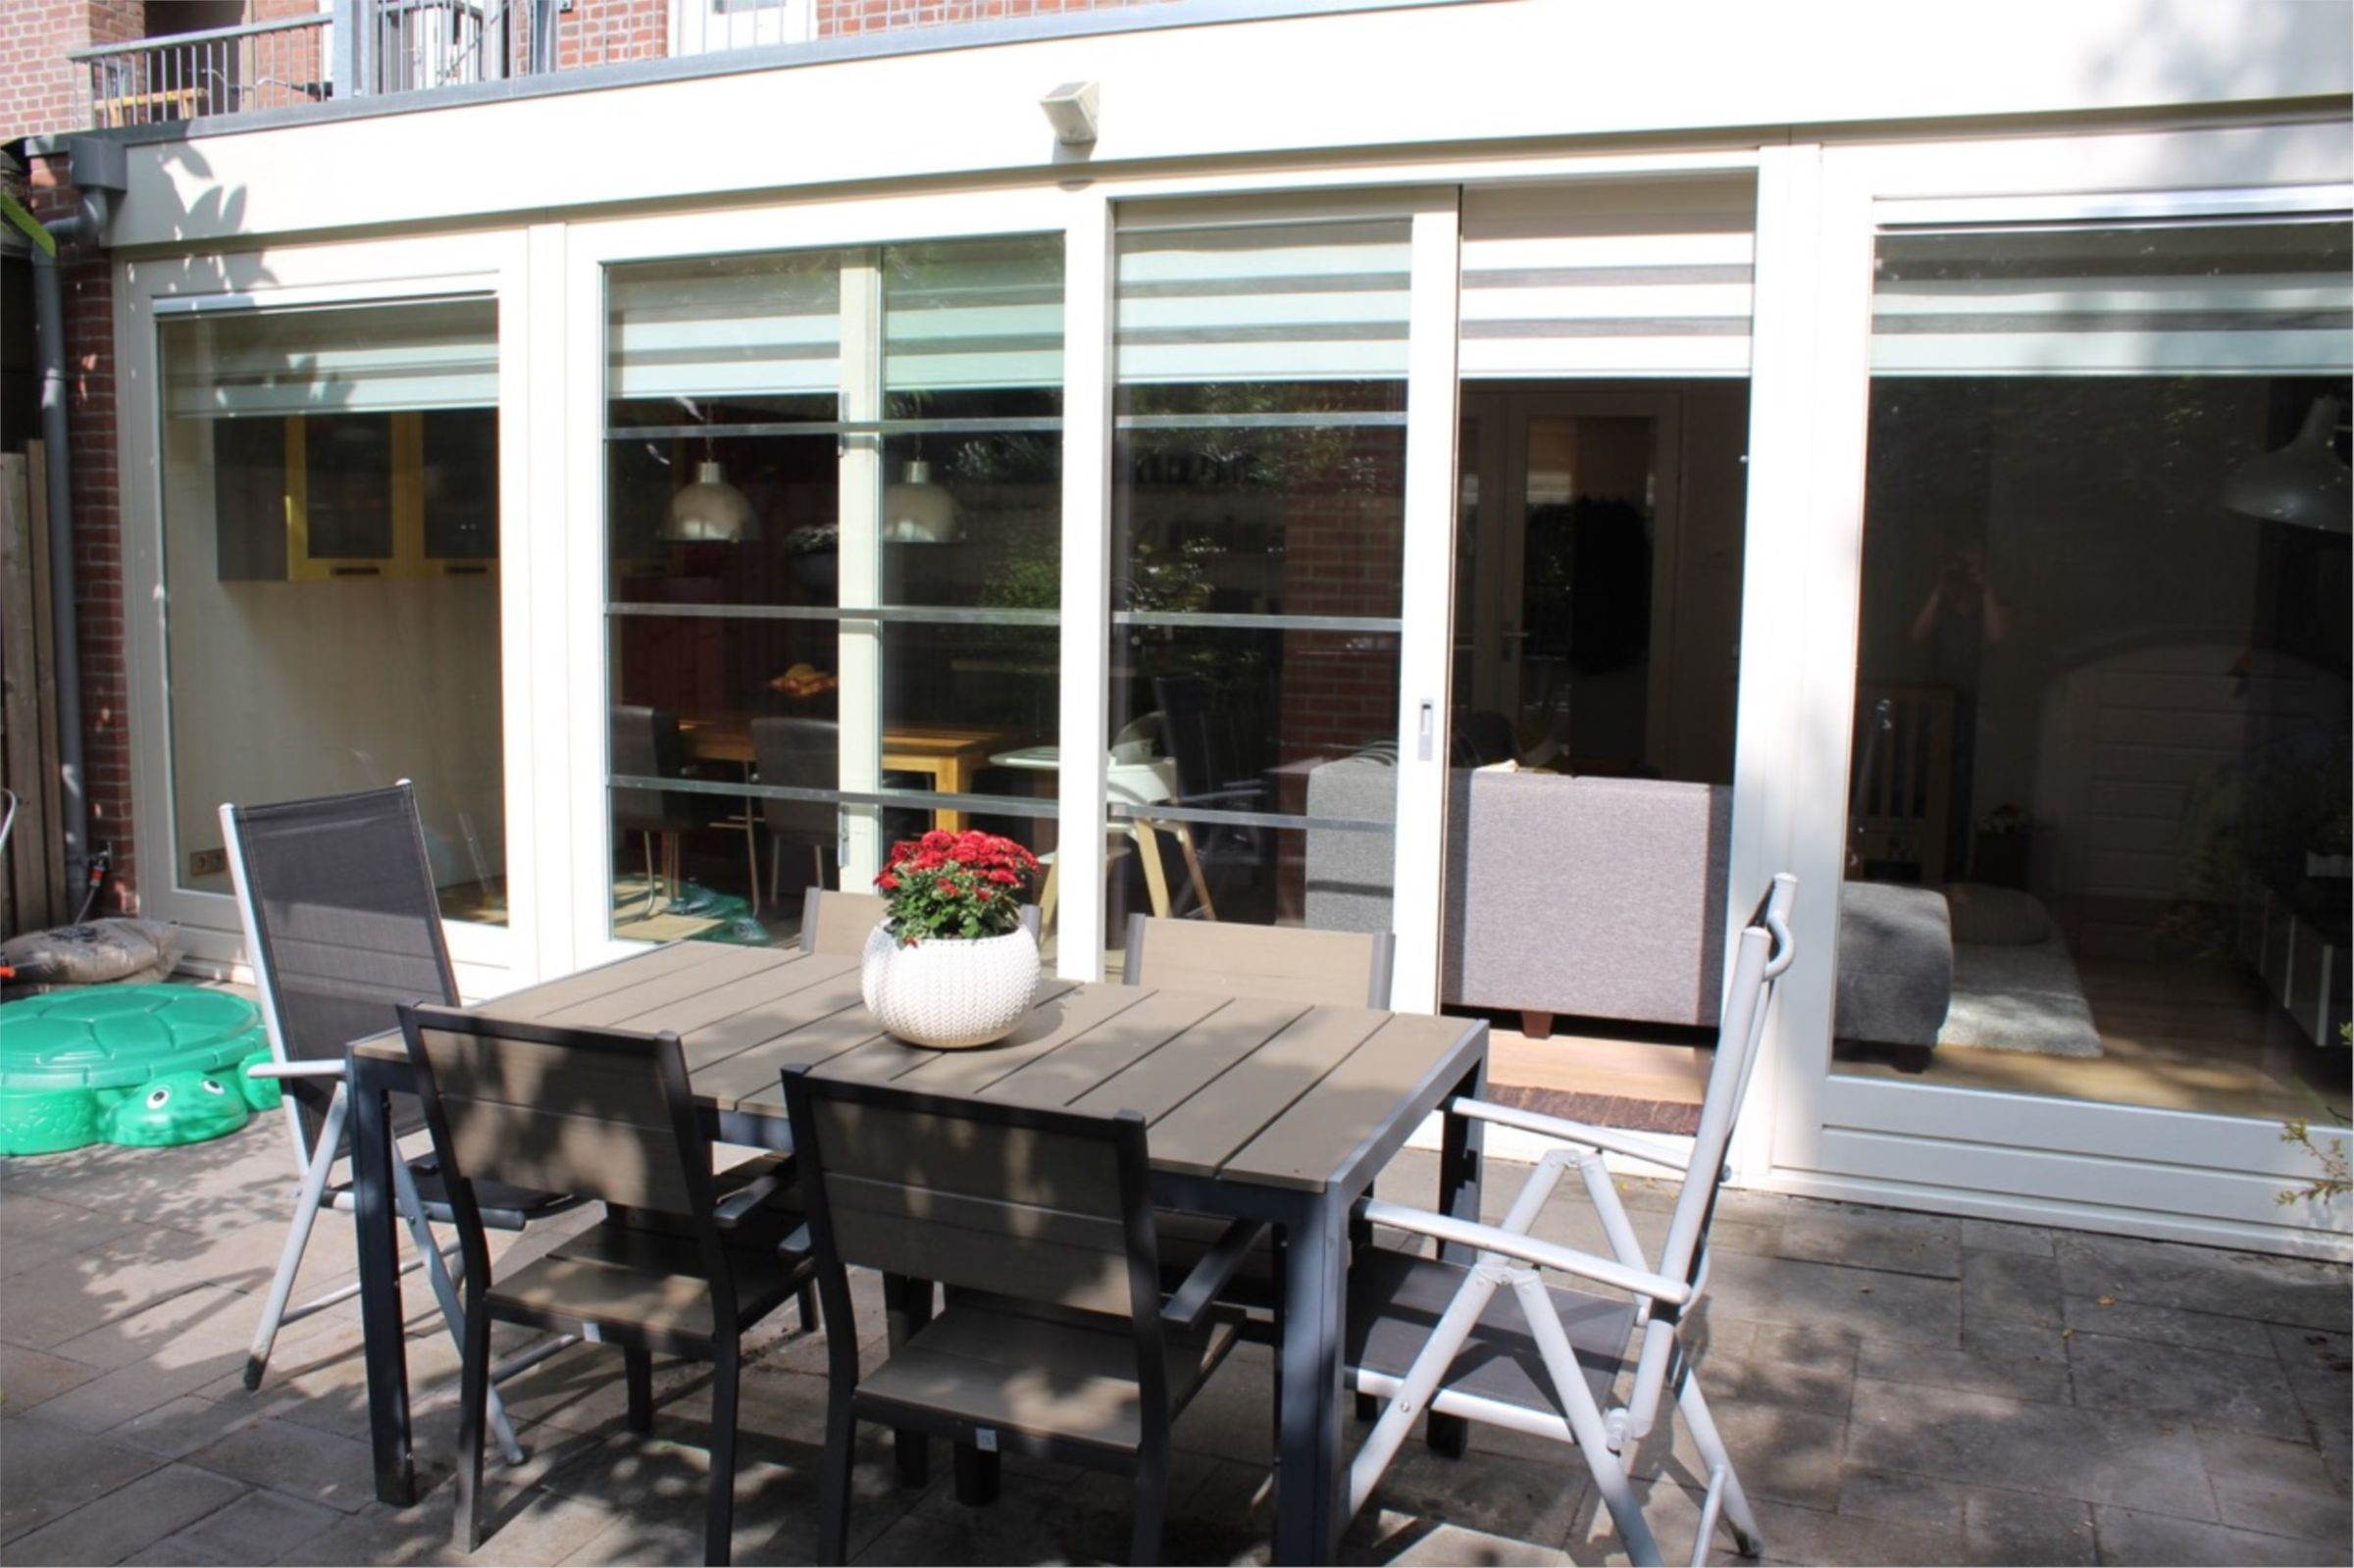 Schalk Burgerstraat 18, Amsterdam